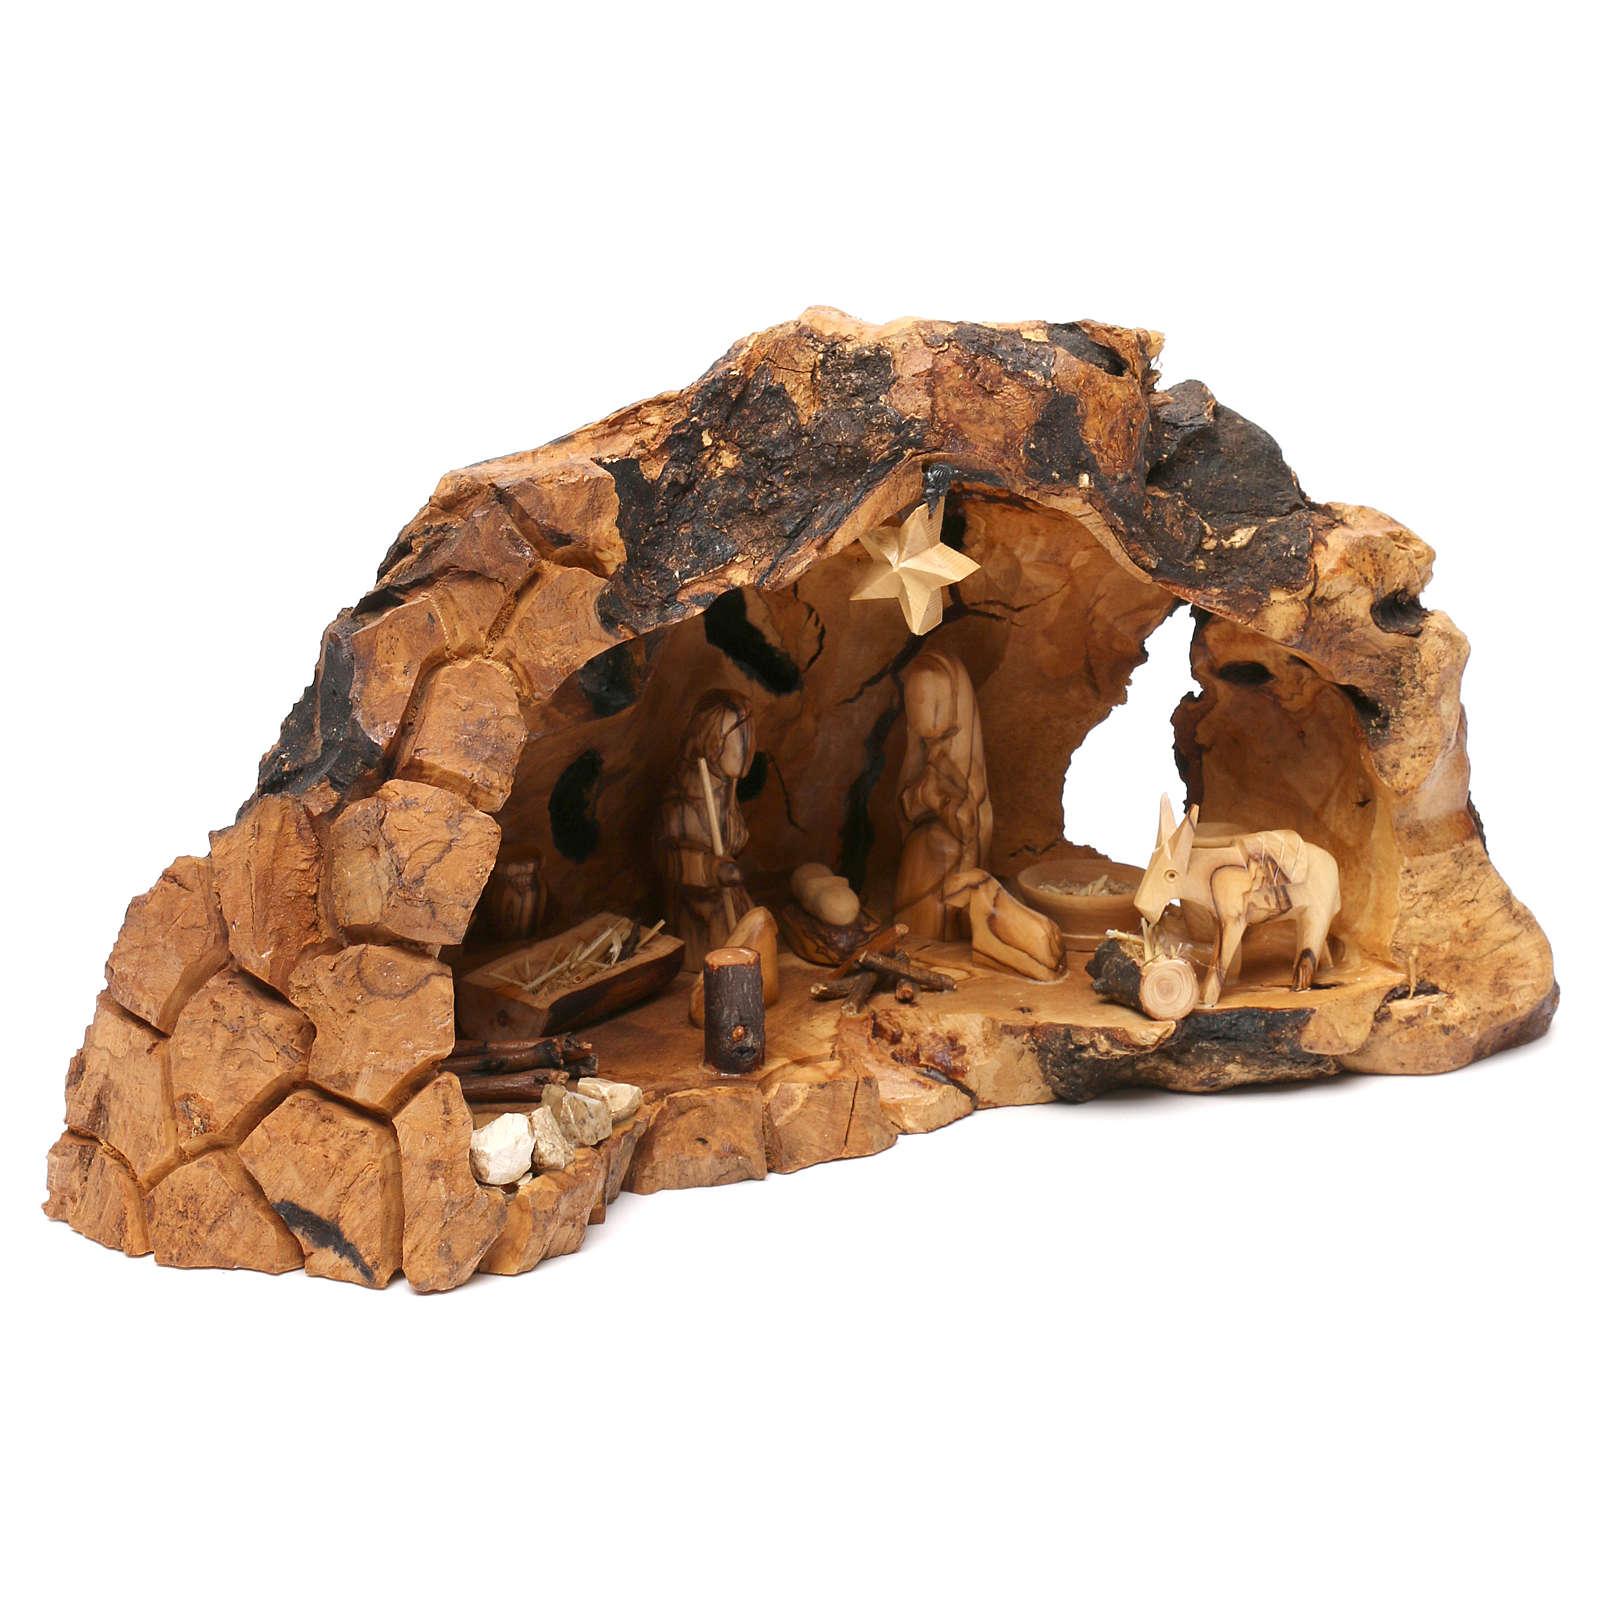 Natività ulivo di Betlemme in stalla forma irregolare 20x30x20 cm 4